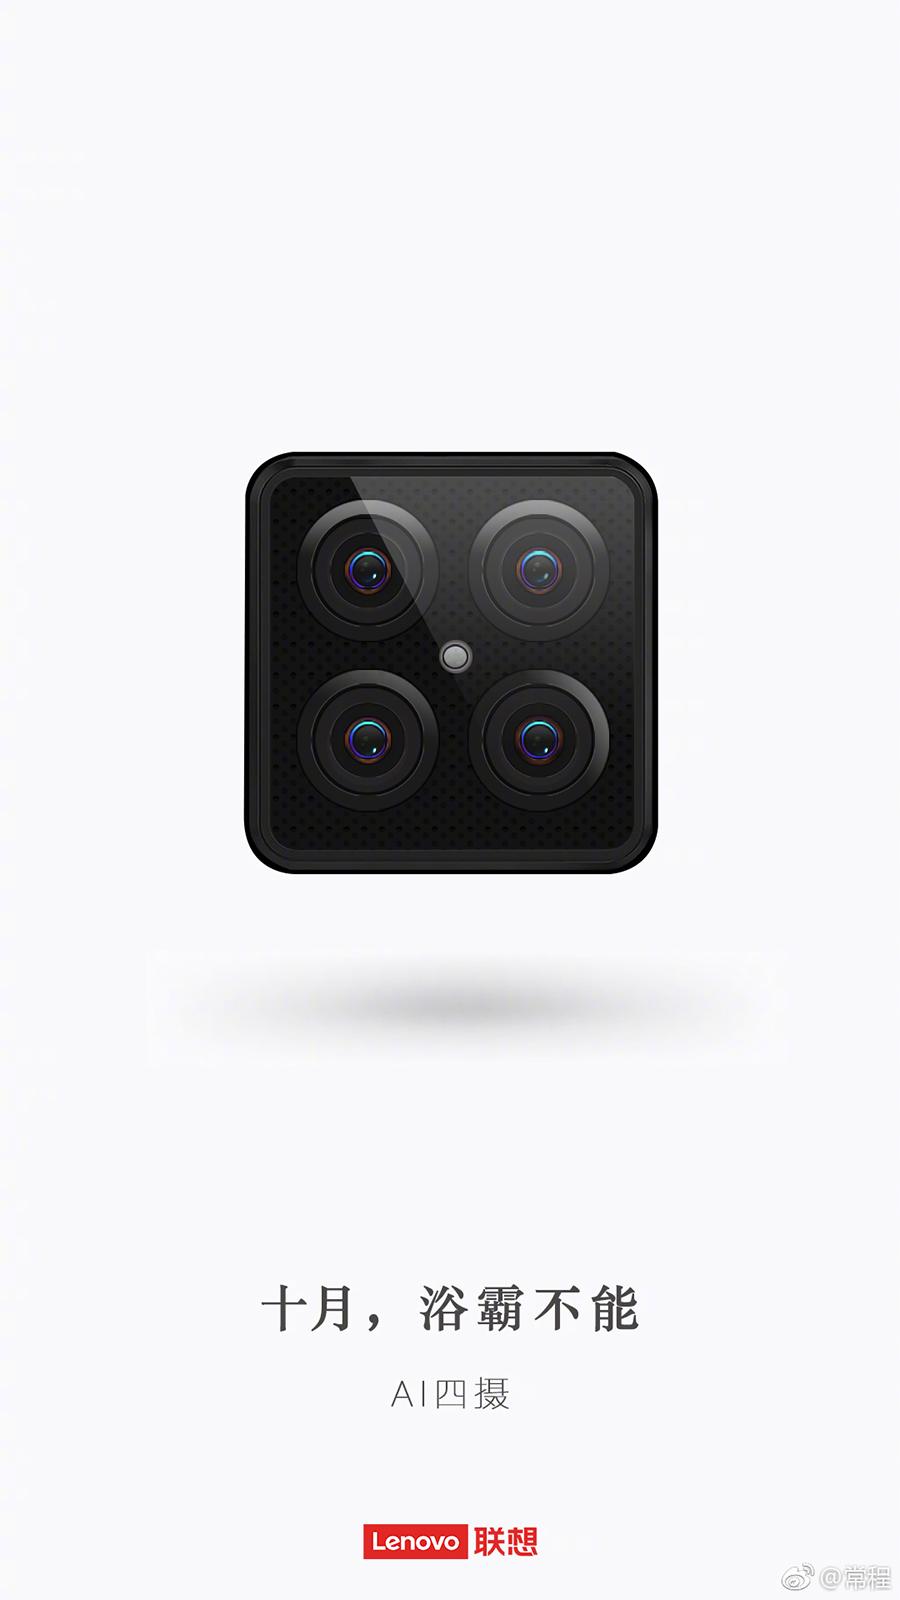 联想S5 Pro亮点揭晓,支持2倍光学变焦!